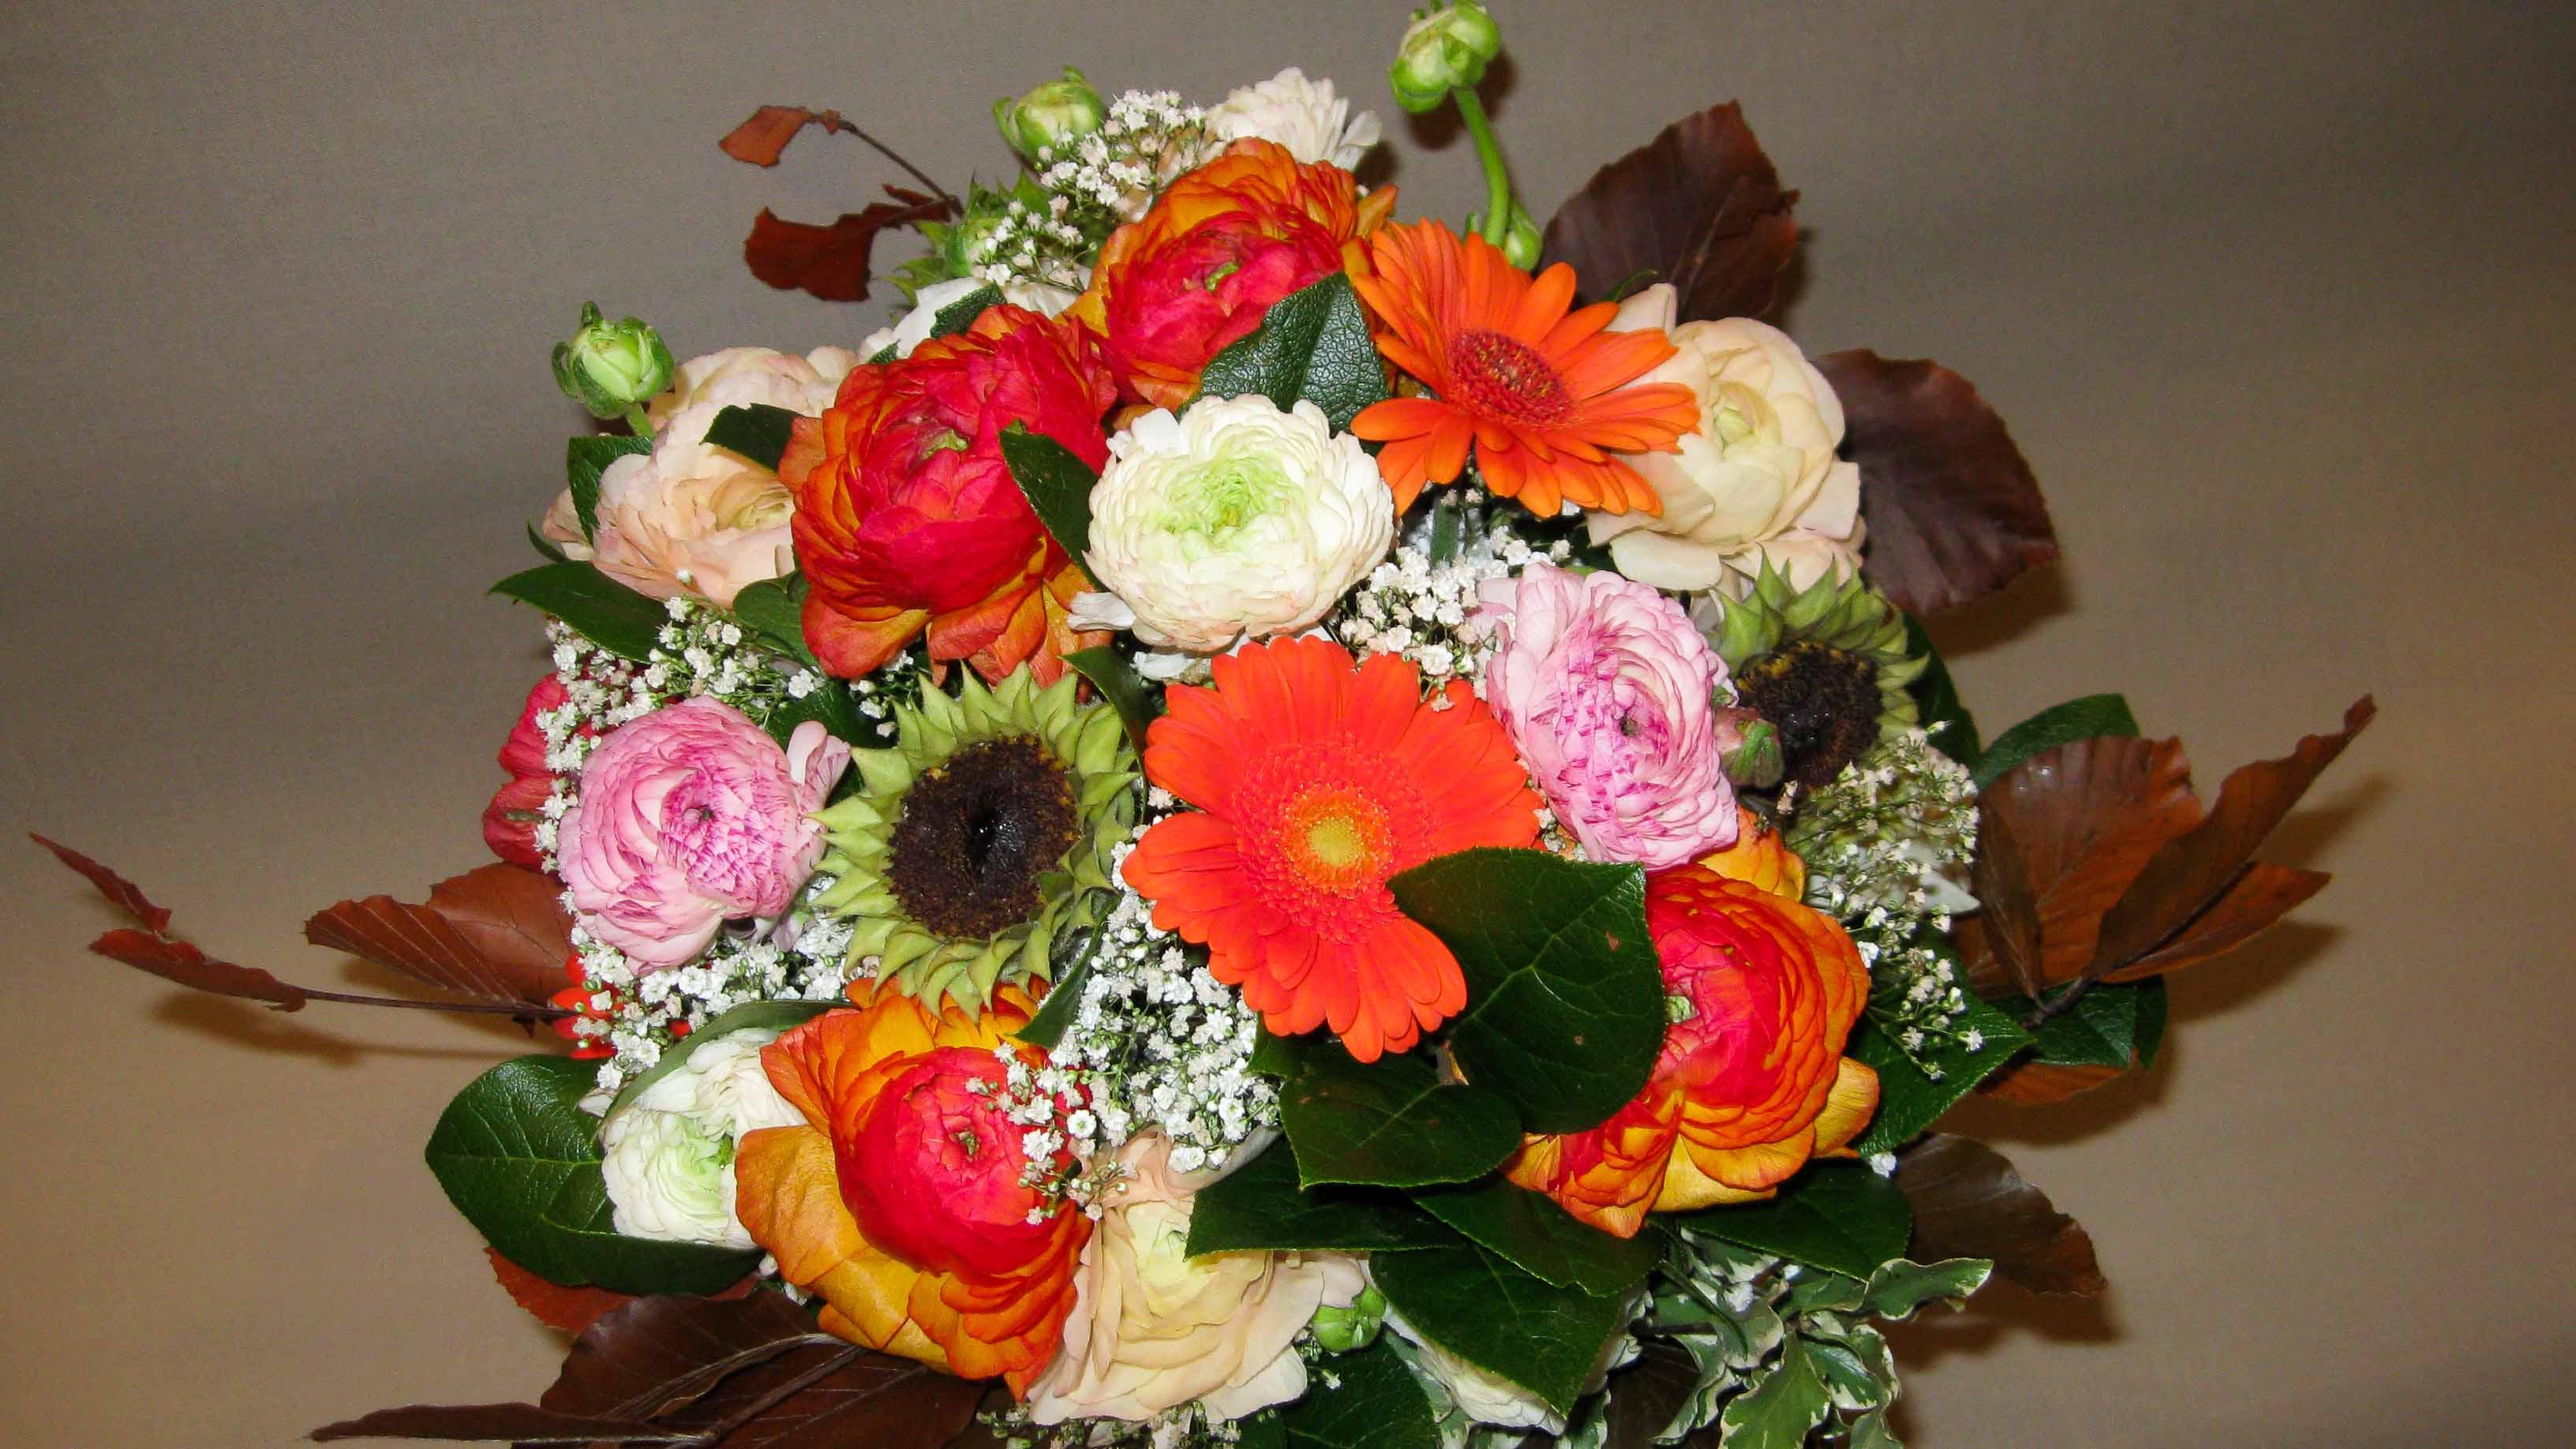 Come curare i fiori recisi di Fioristi a Milano centro - piazza san babila - Piazza del tricolore – duomo